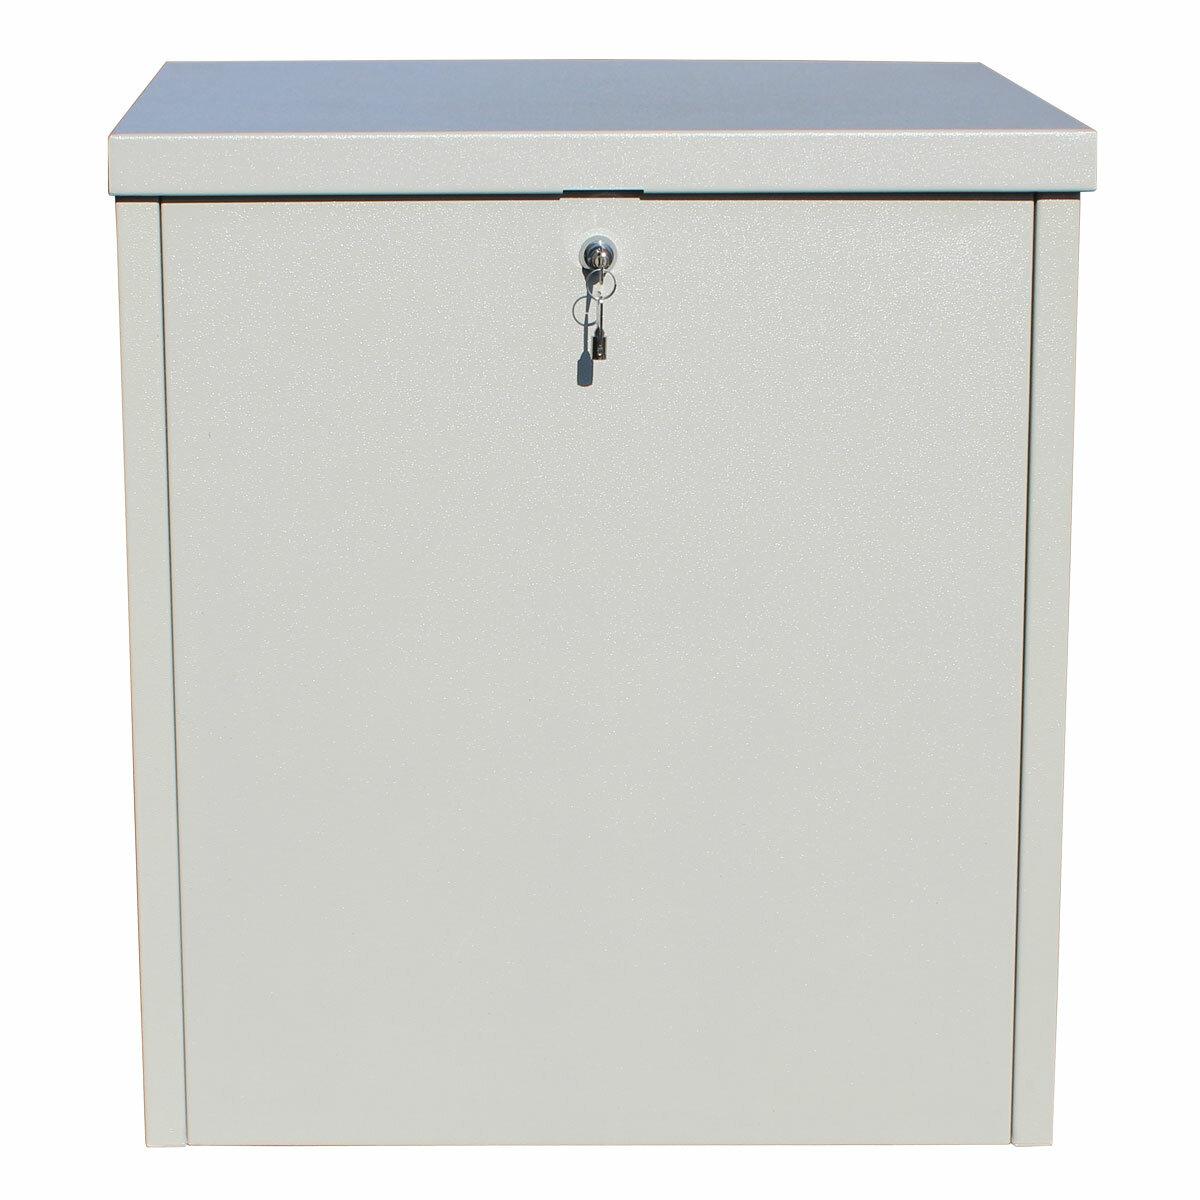 Qualarc Parcelchest Steel Single Unit Parcel Locker Reviews Wayfair